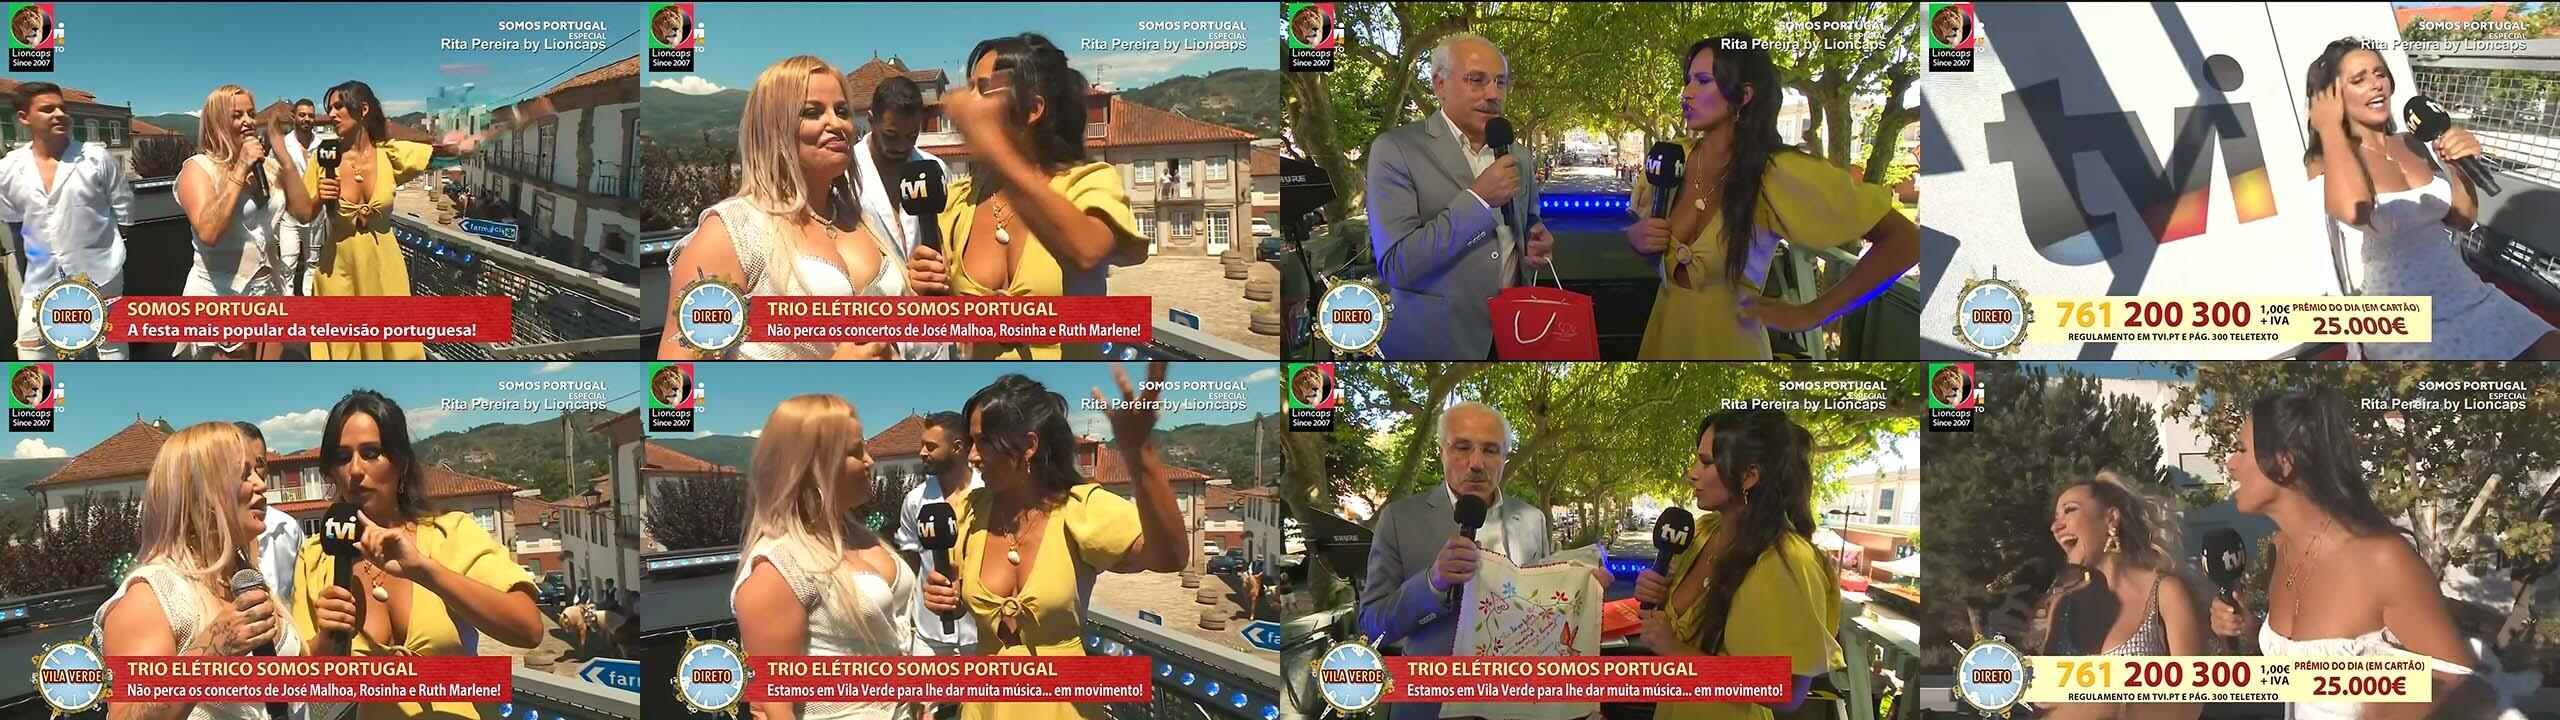 rita_pereira_somos_portugal_lioncaps_18_10_2020_01.jpg